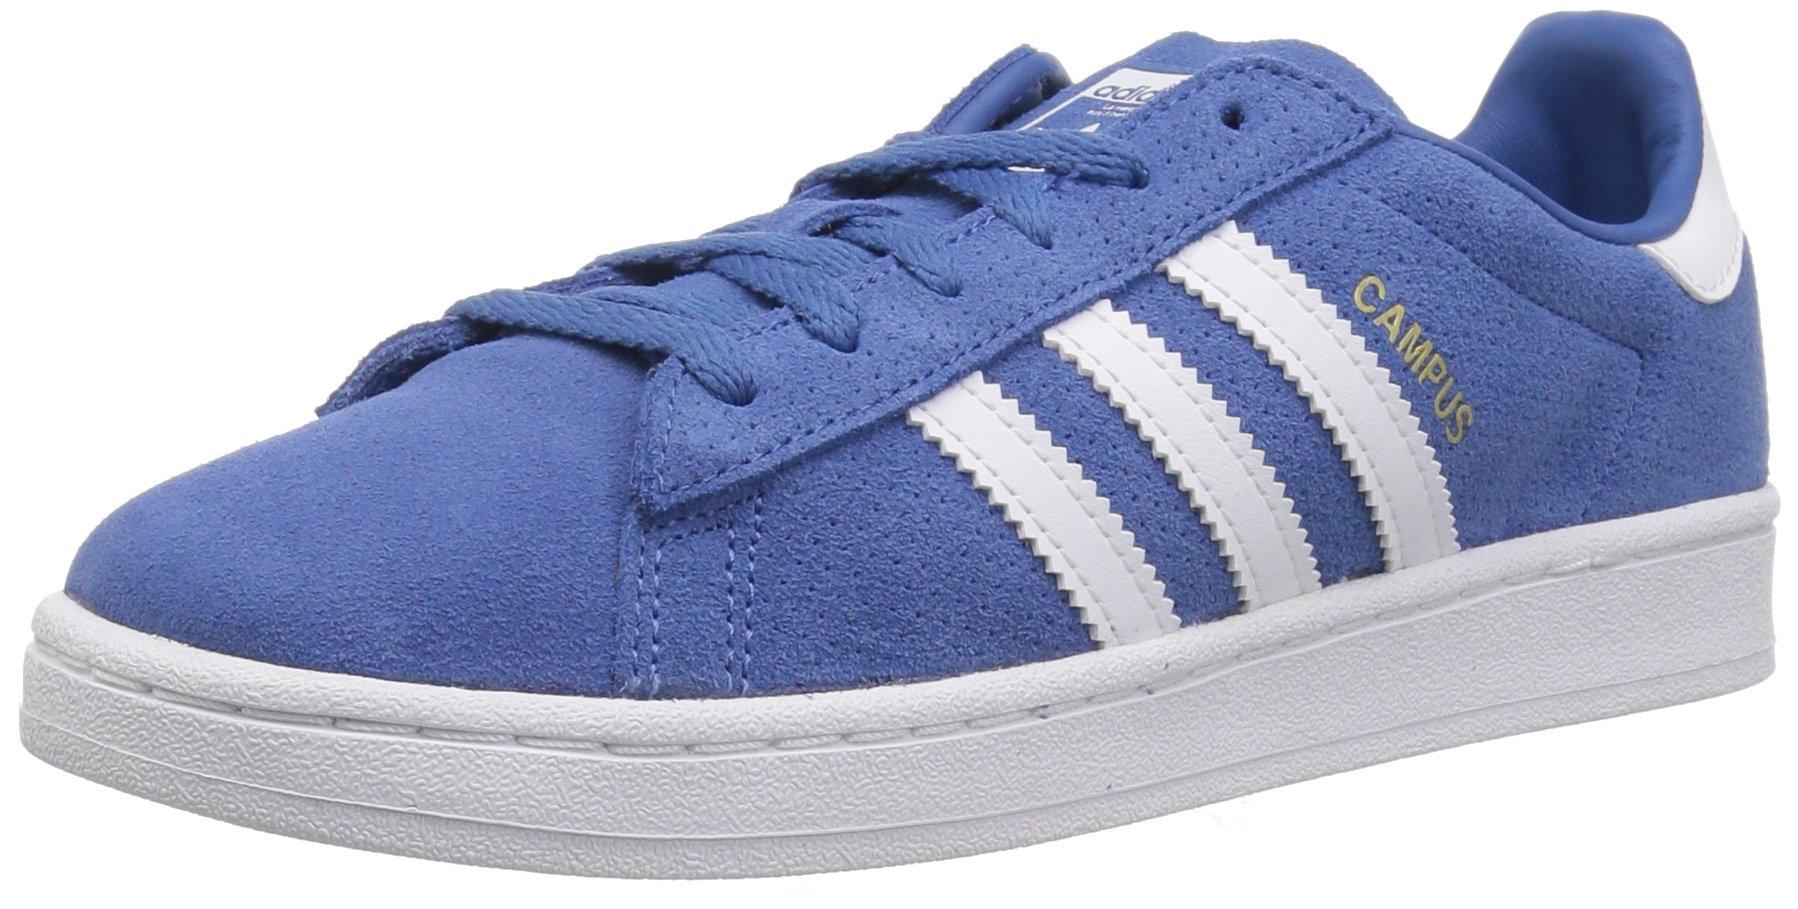 c89c4fbeb5c5 Galleon - Adidas Originals Unisex Campus C Sneaker, Trace Royal S ...